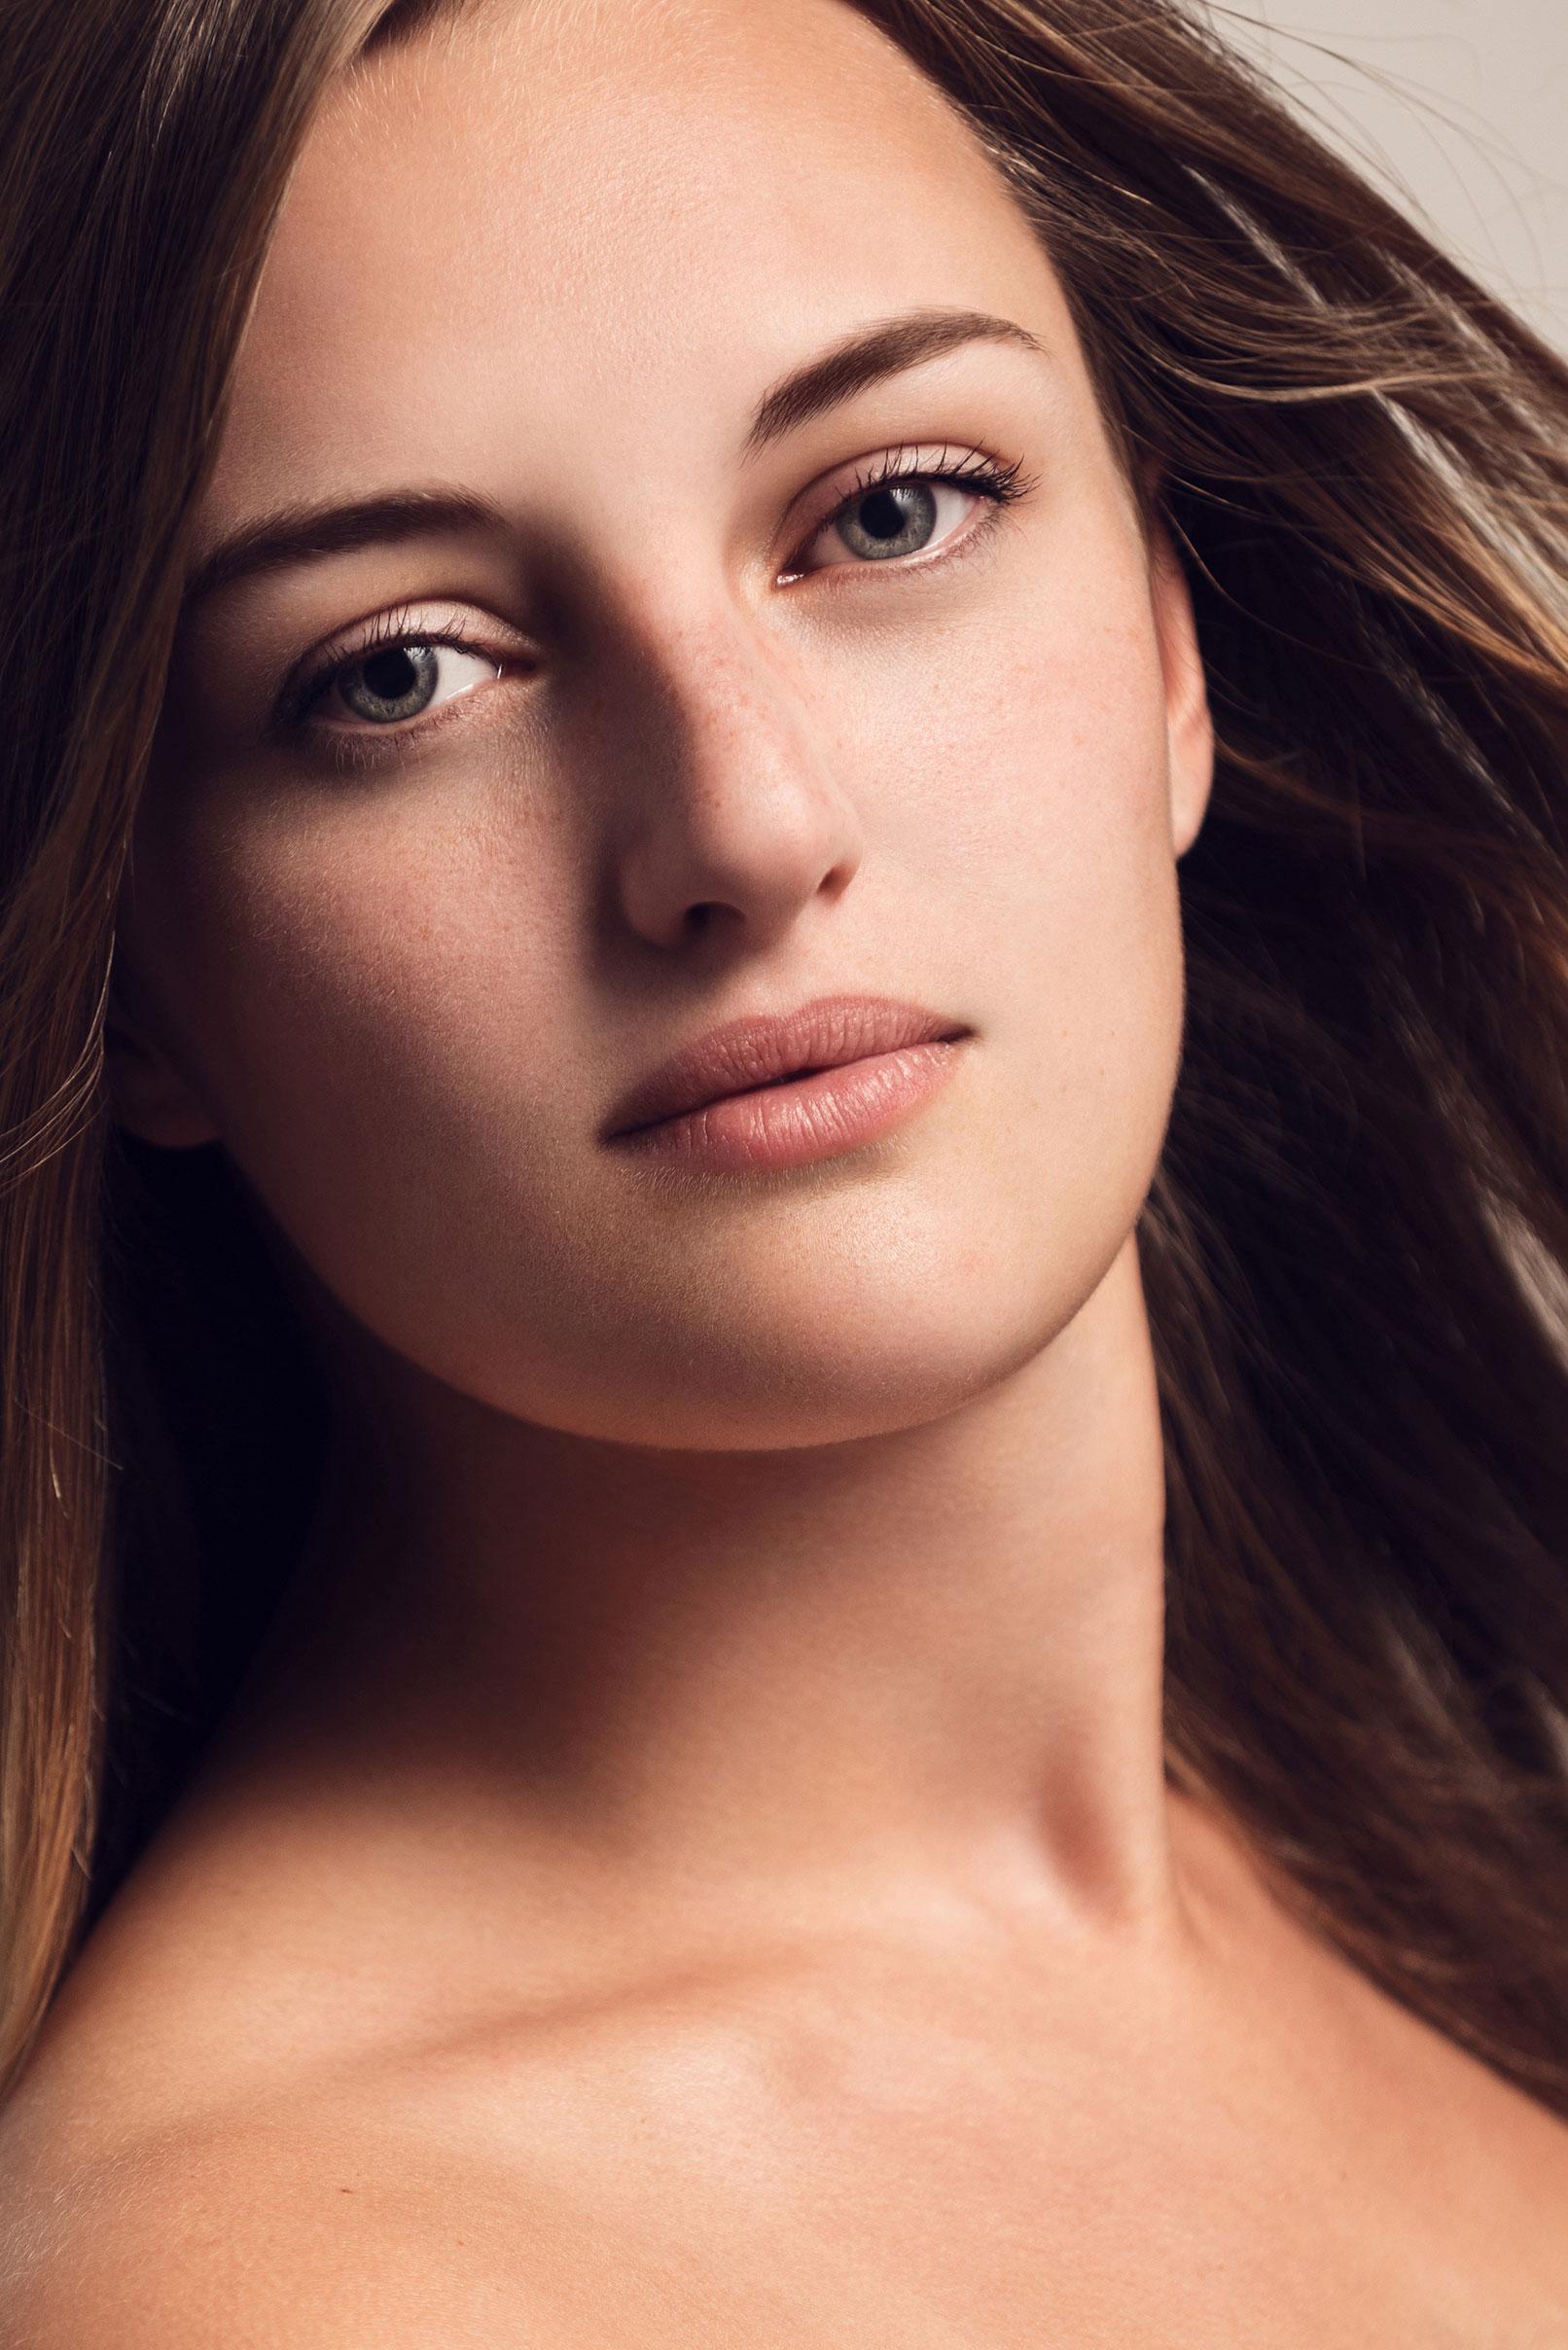 Aufnahme einer Frau – Beispielbild zur Bearbeitung von Lippen und Augen